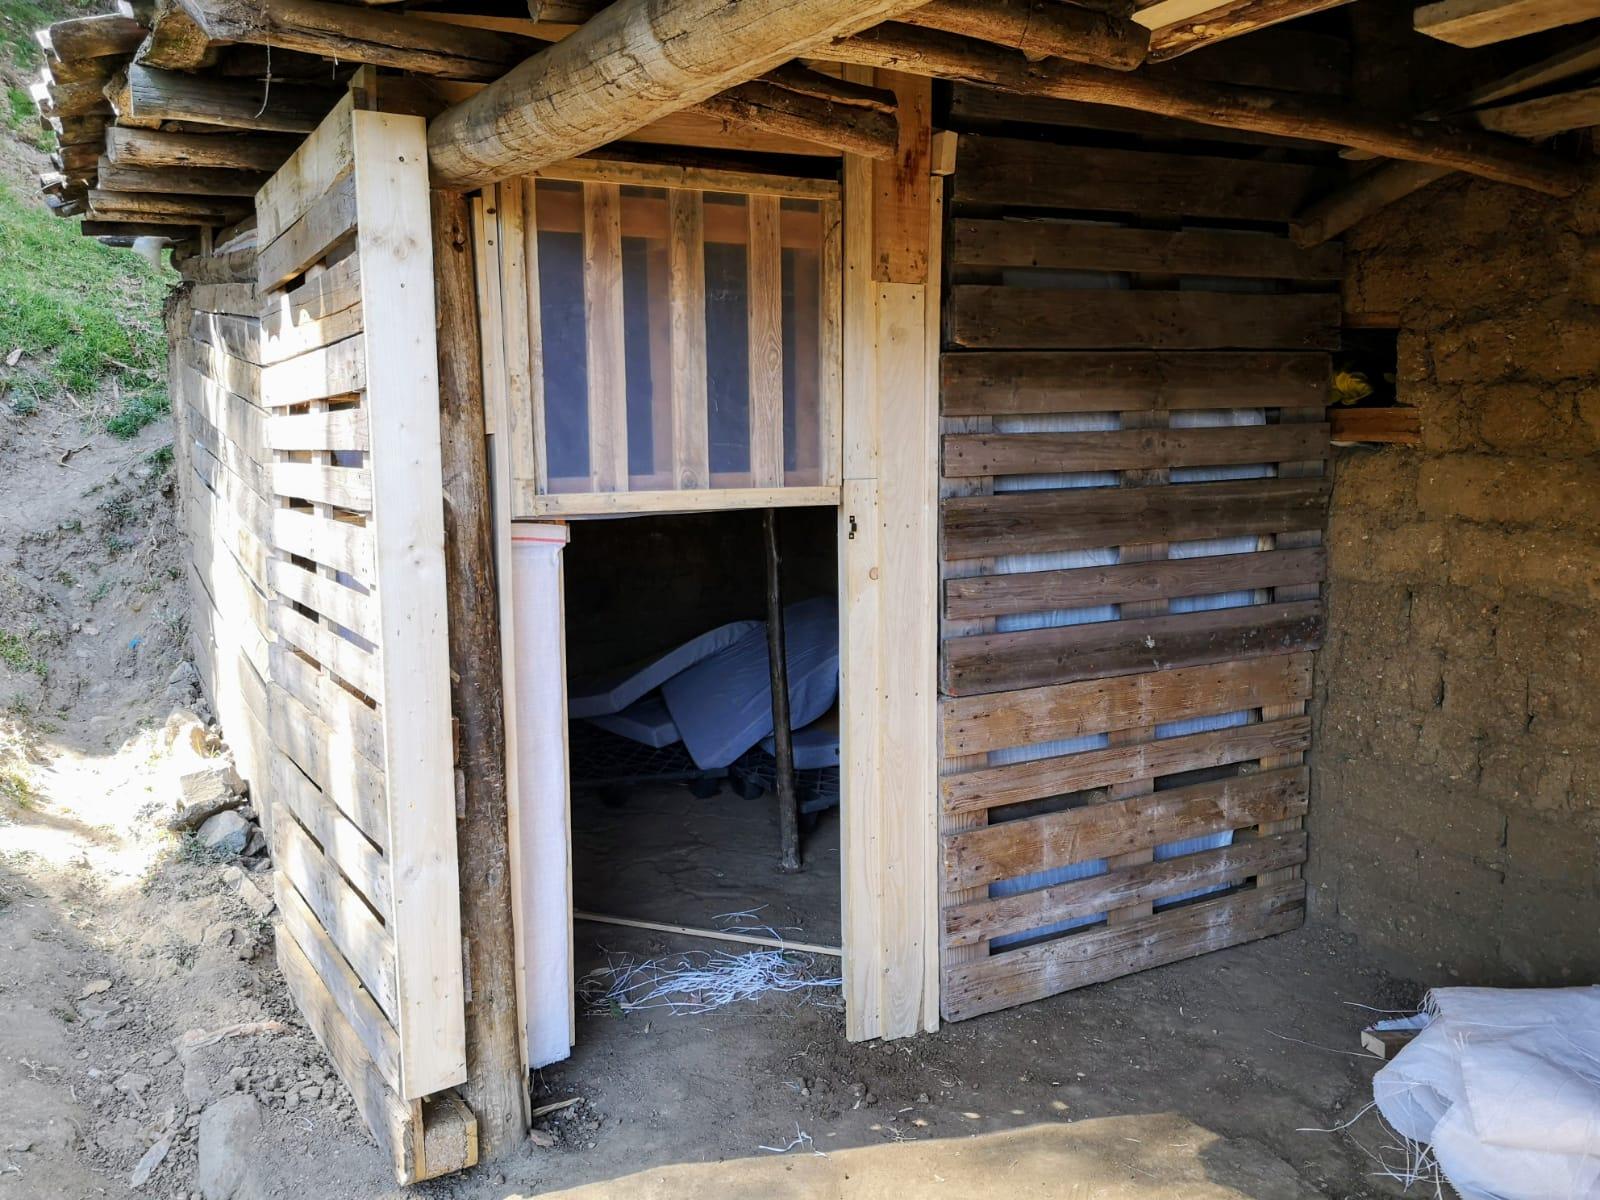 Wände und Türen sind fertig! Jetzt werden nur noch die mitgebrachten Paletten und Matratzen aufgebaut.